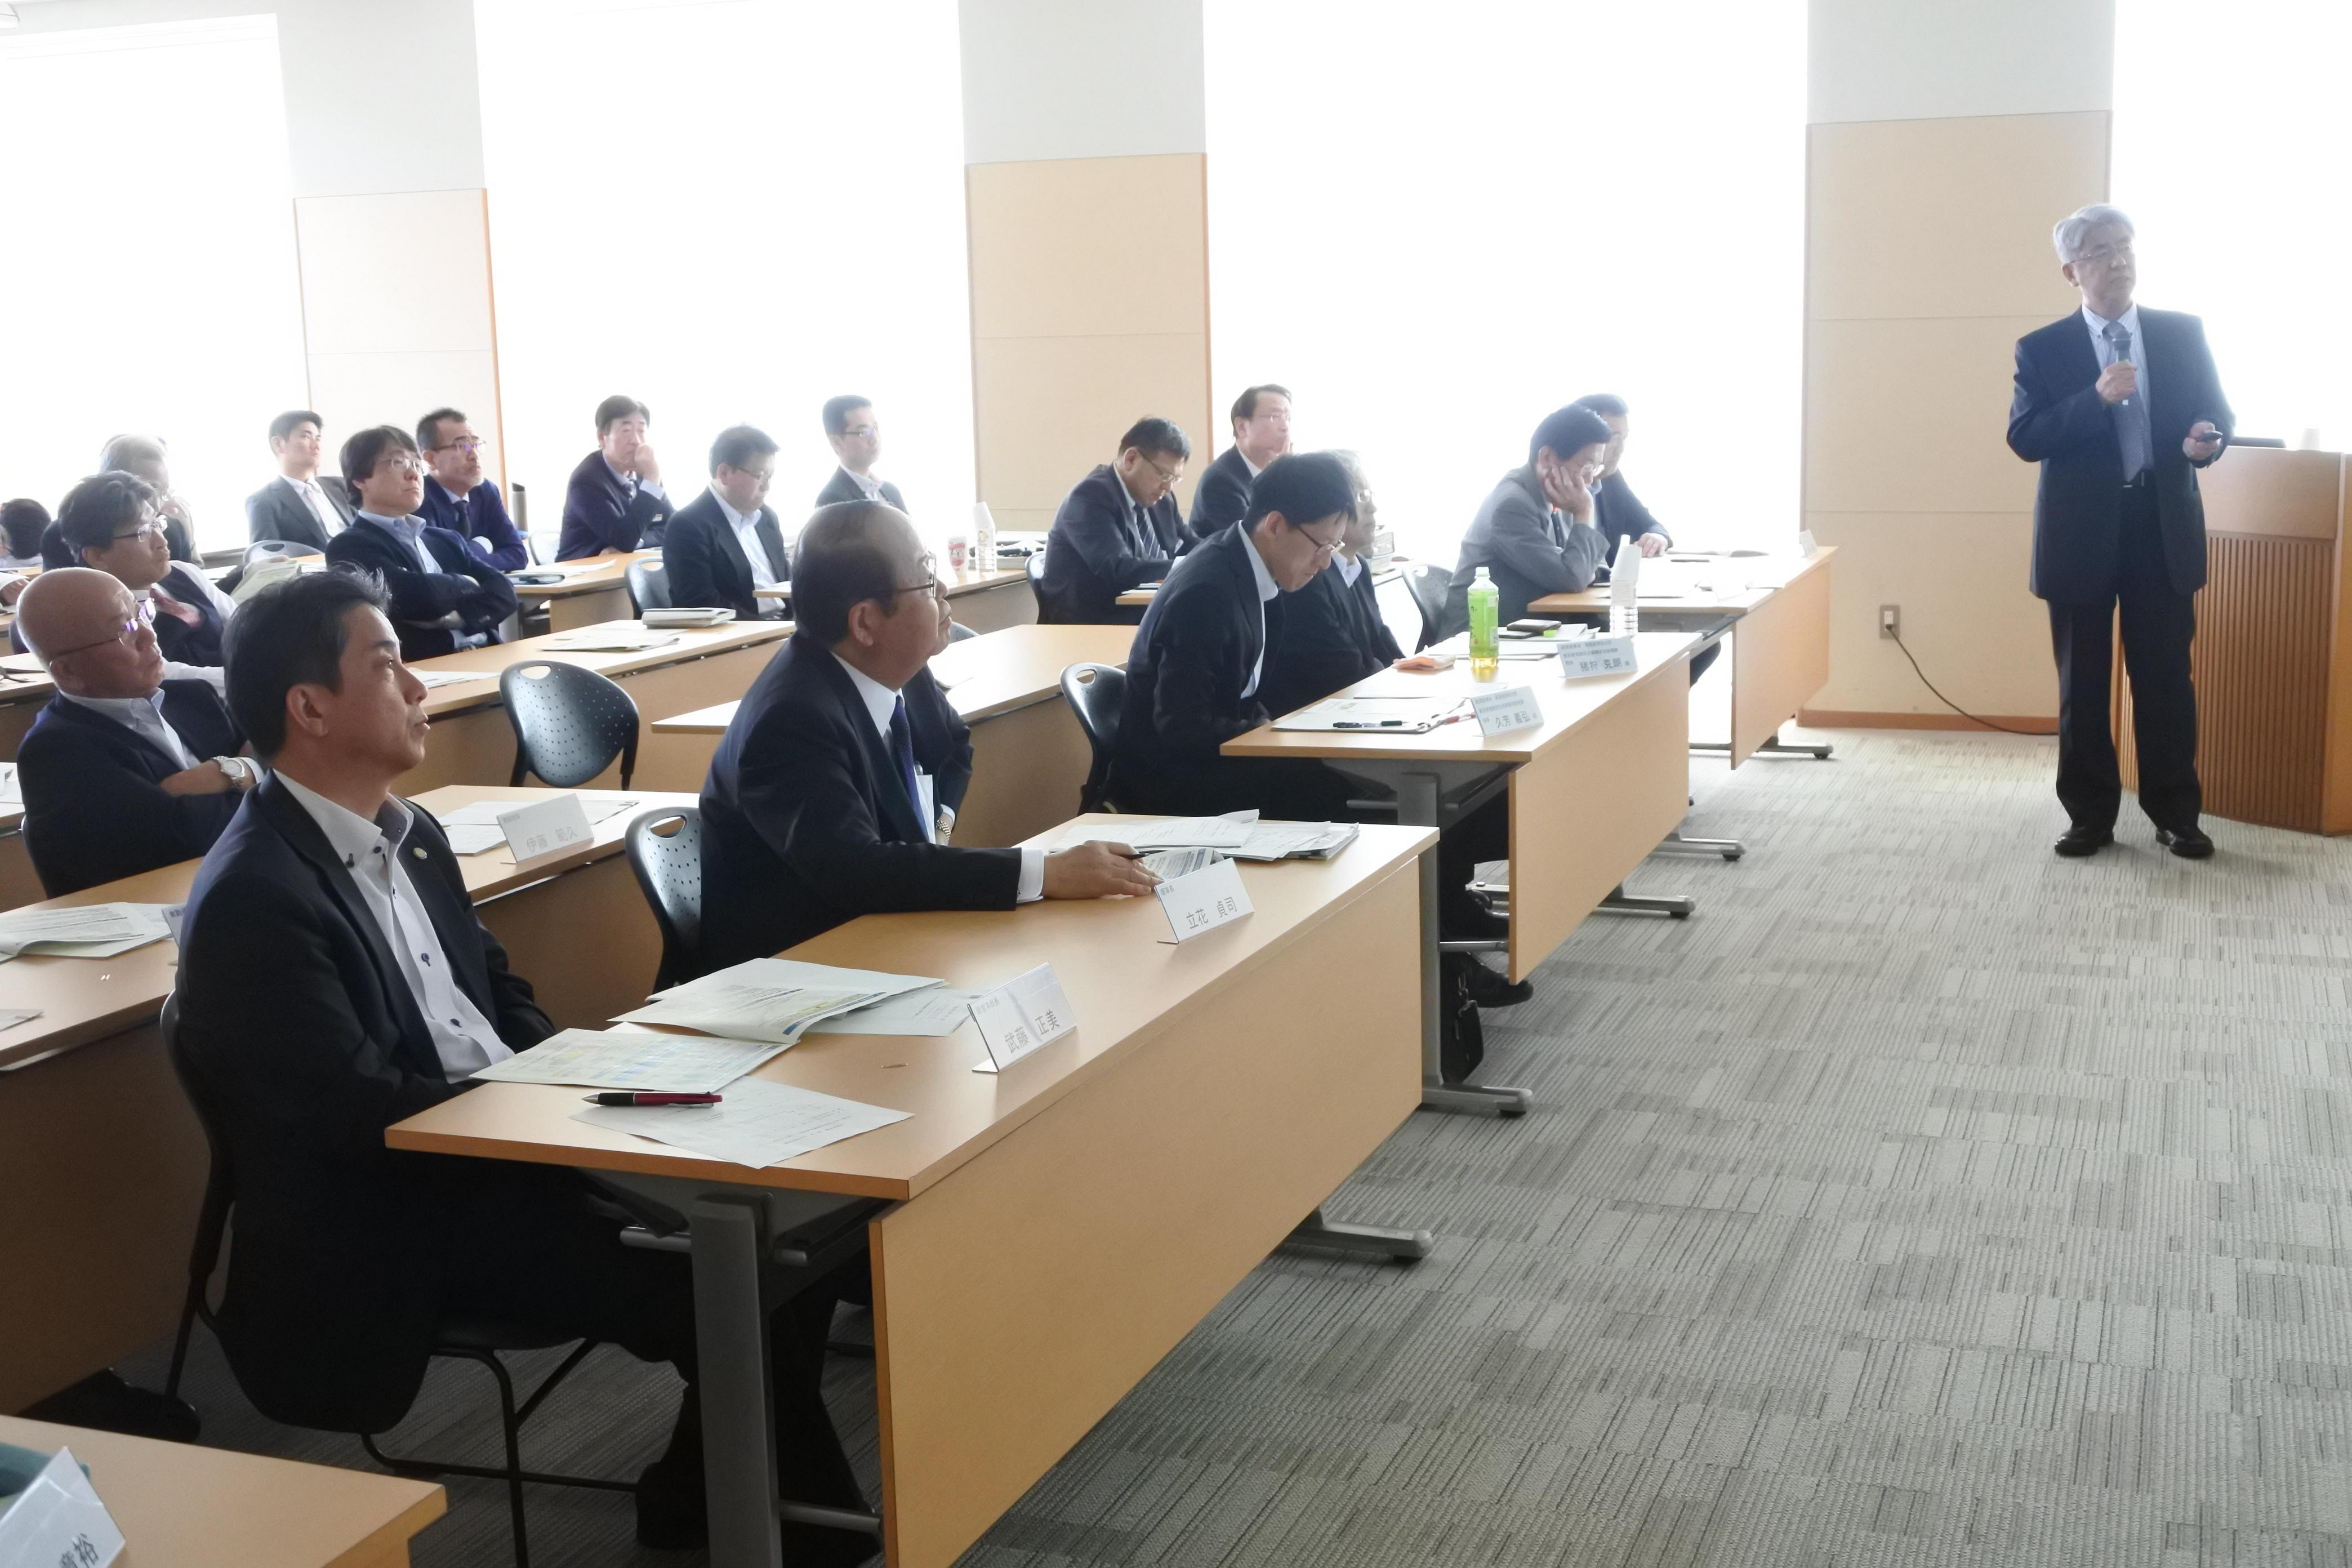 宮林氏の講演を聞く大学運営会議のメンバー